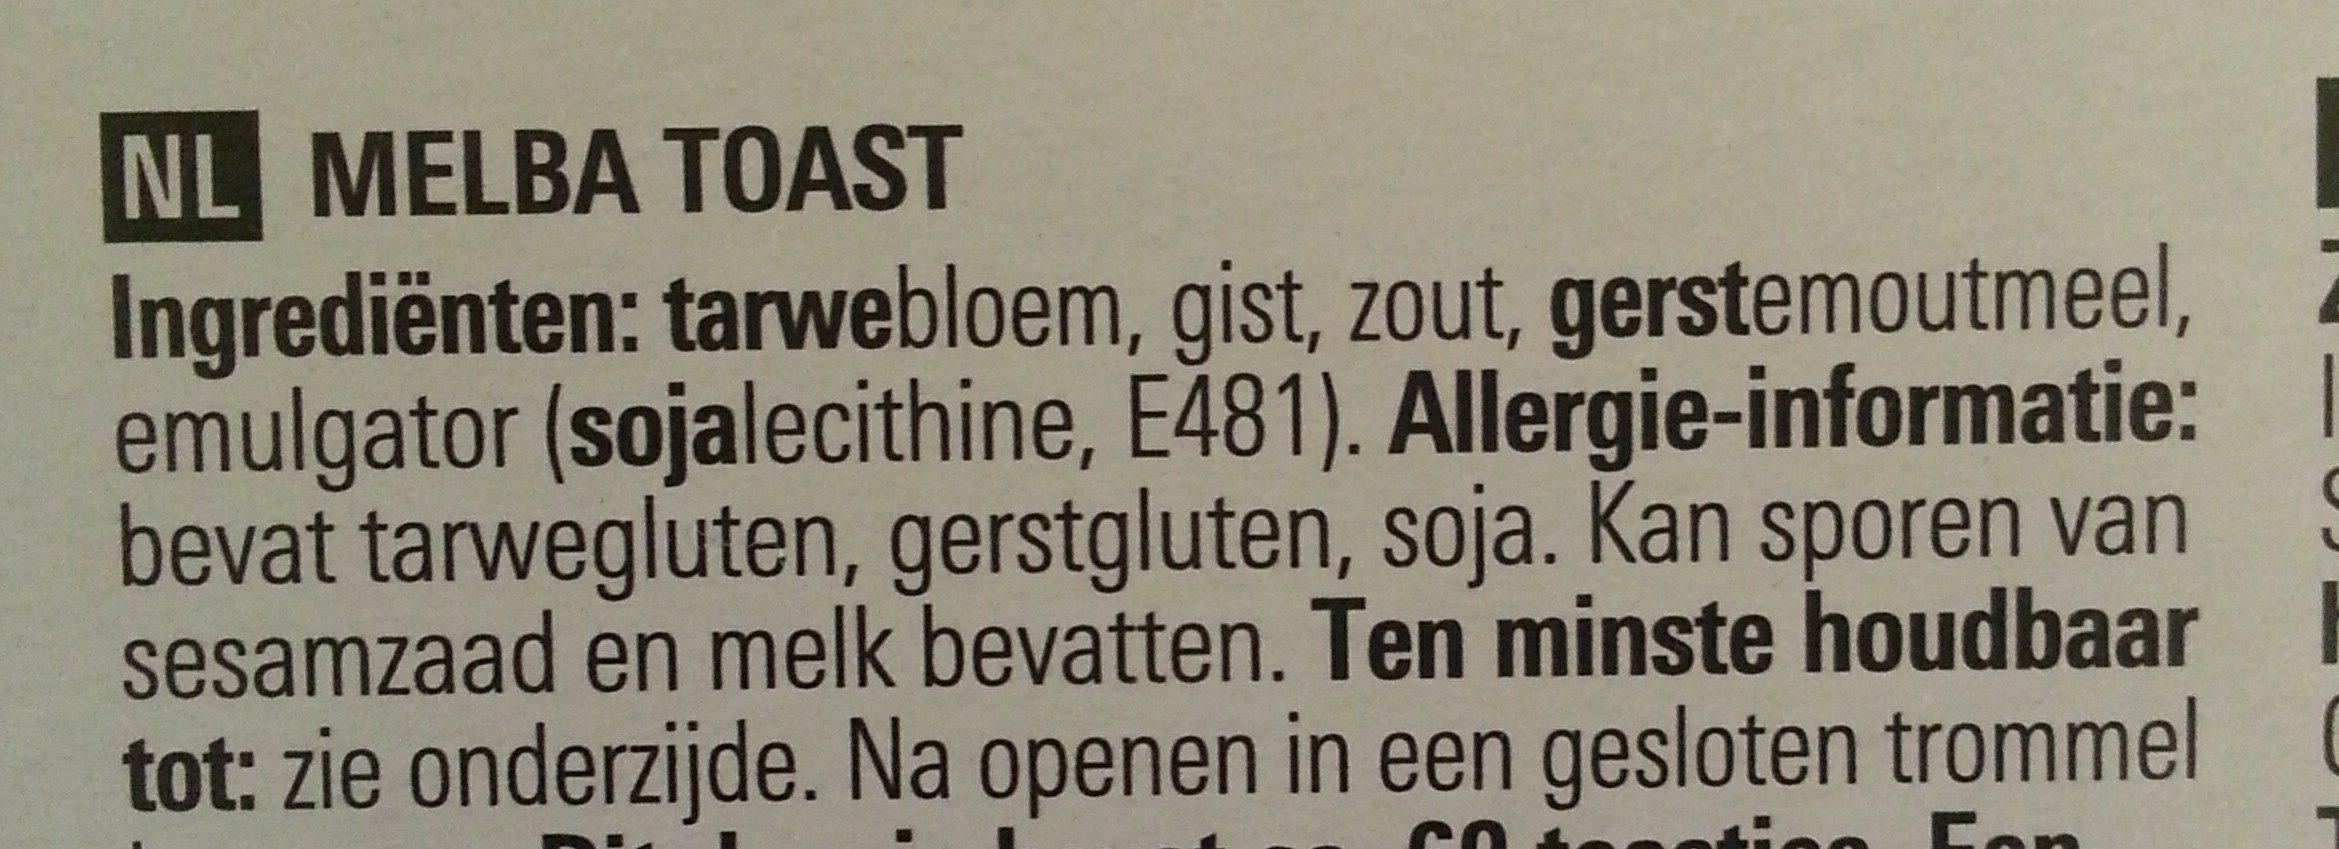 Basic Melba Toast - Ingrediënten - nl